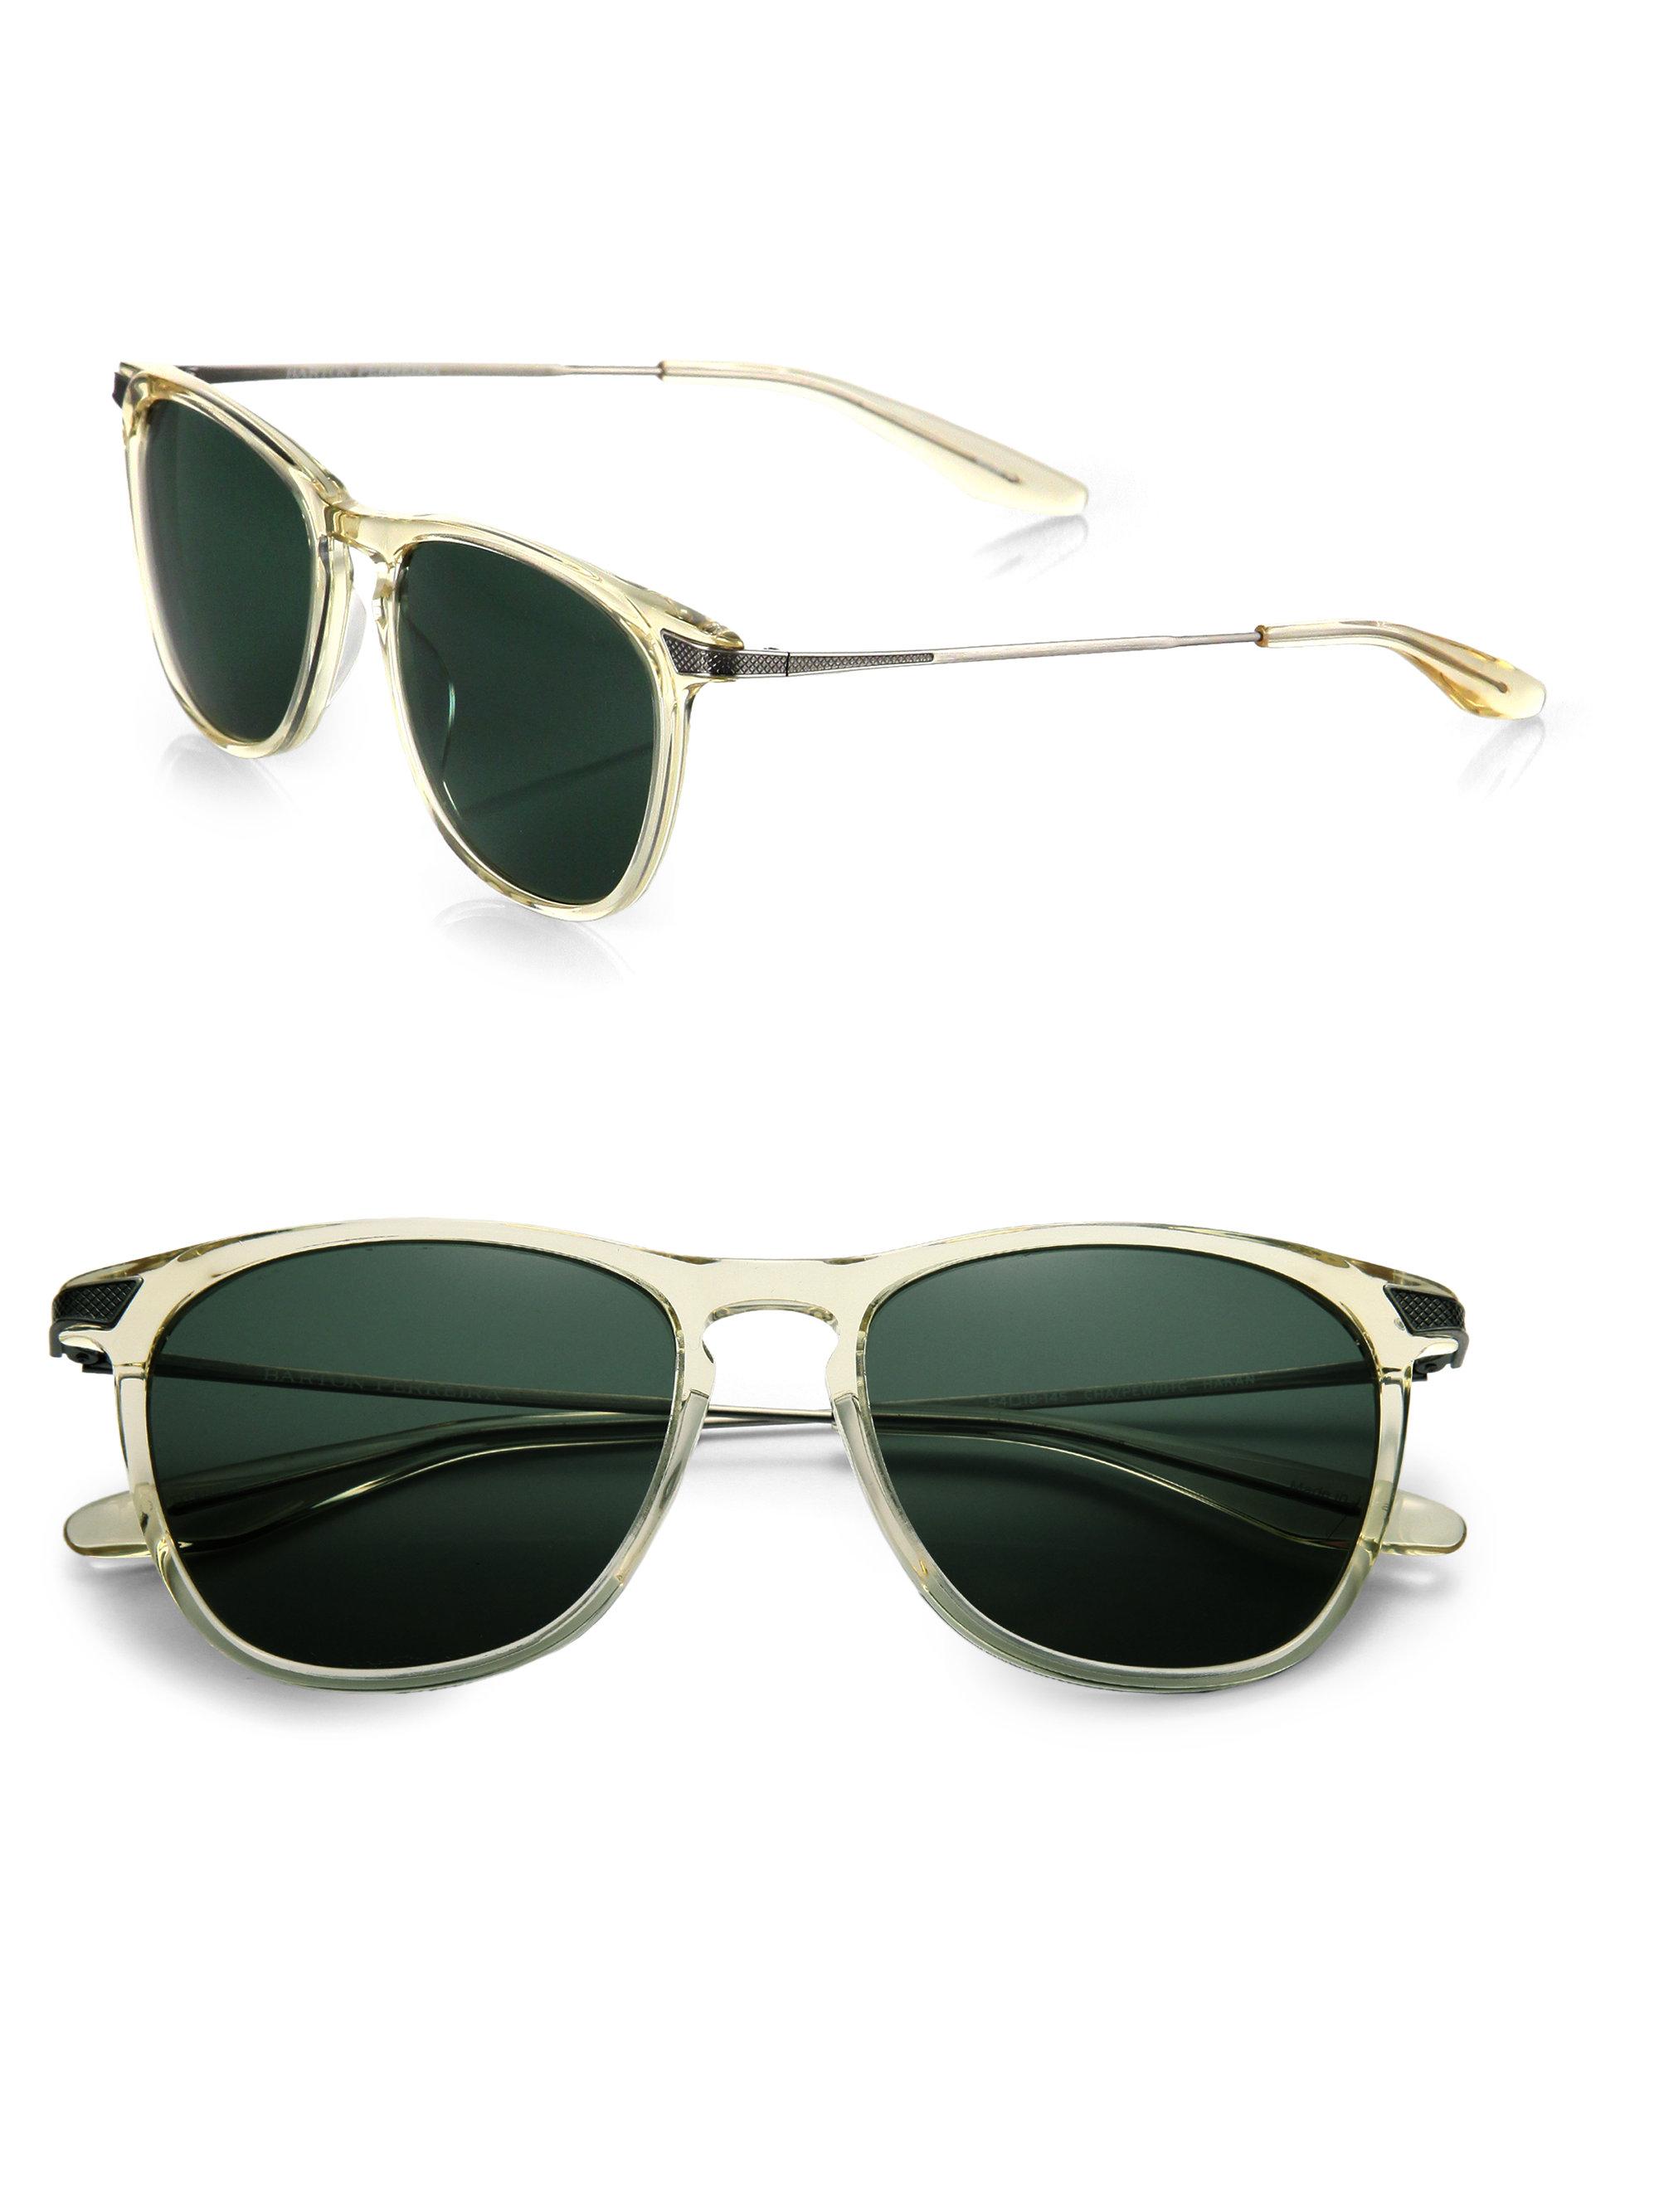 Lyst - Barton Perreira Hakan Metal & Acetate Sunglasses in Natural ...